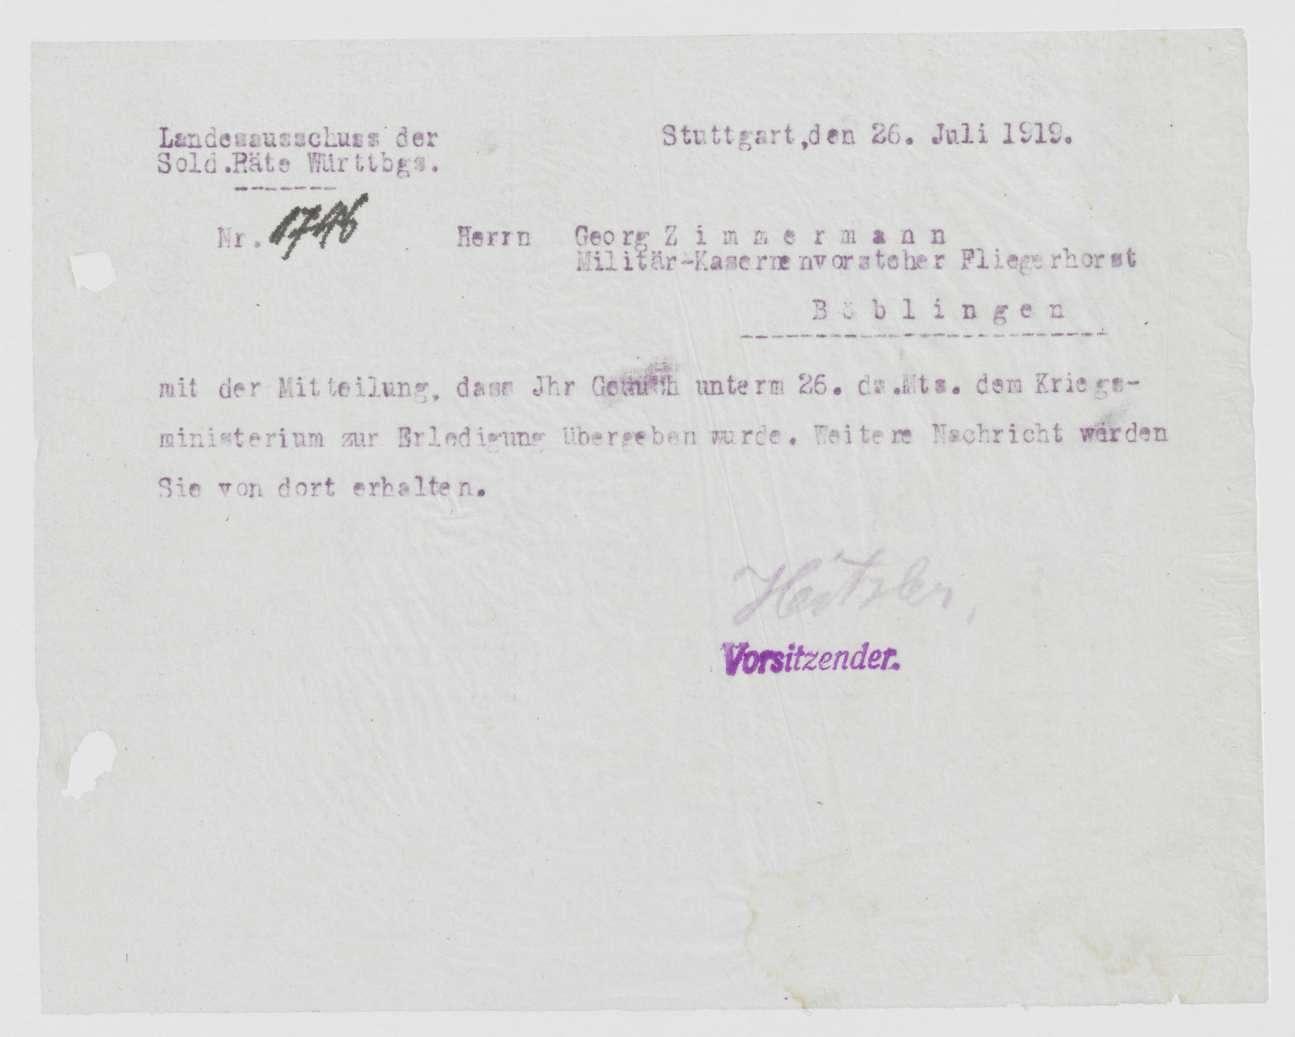 Garnisonsrat Böblingen: Zusendung von Ausweiskarten, Entlassung von Mitgliedern, Bild 2